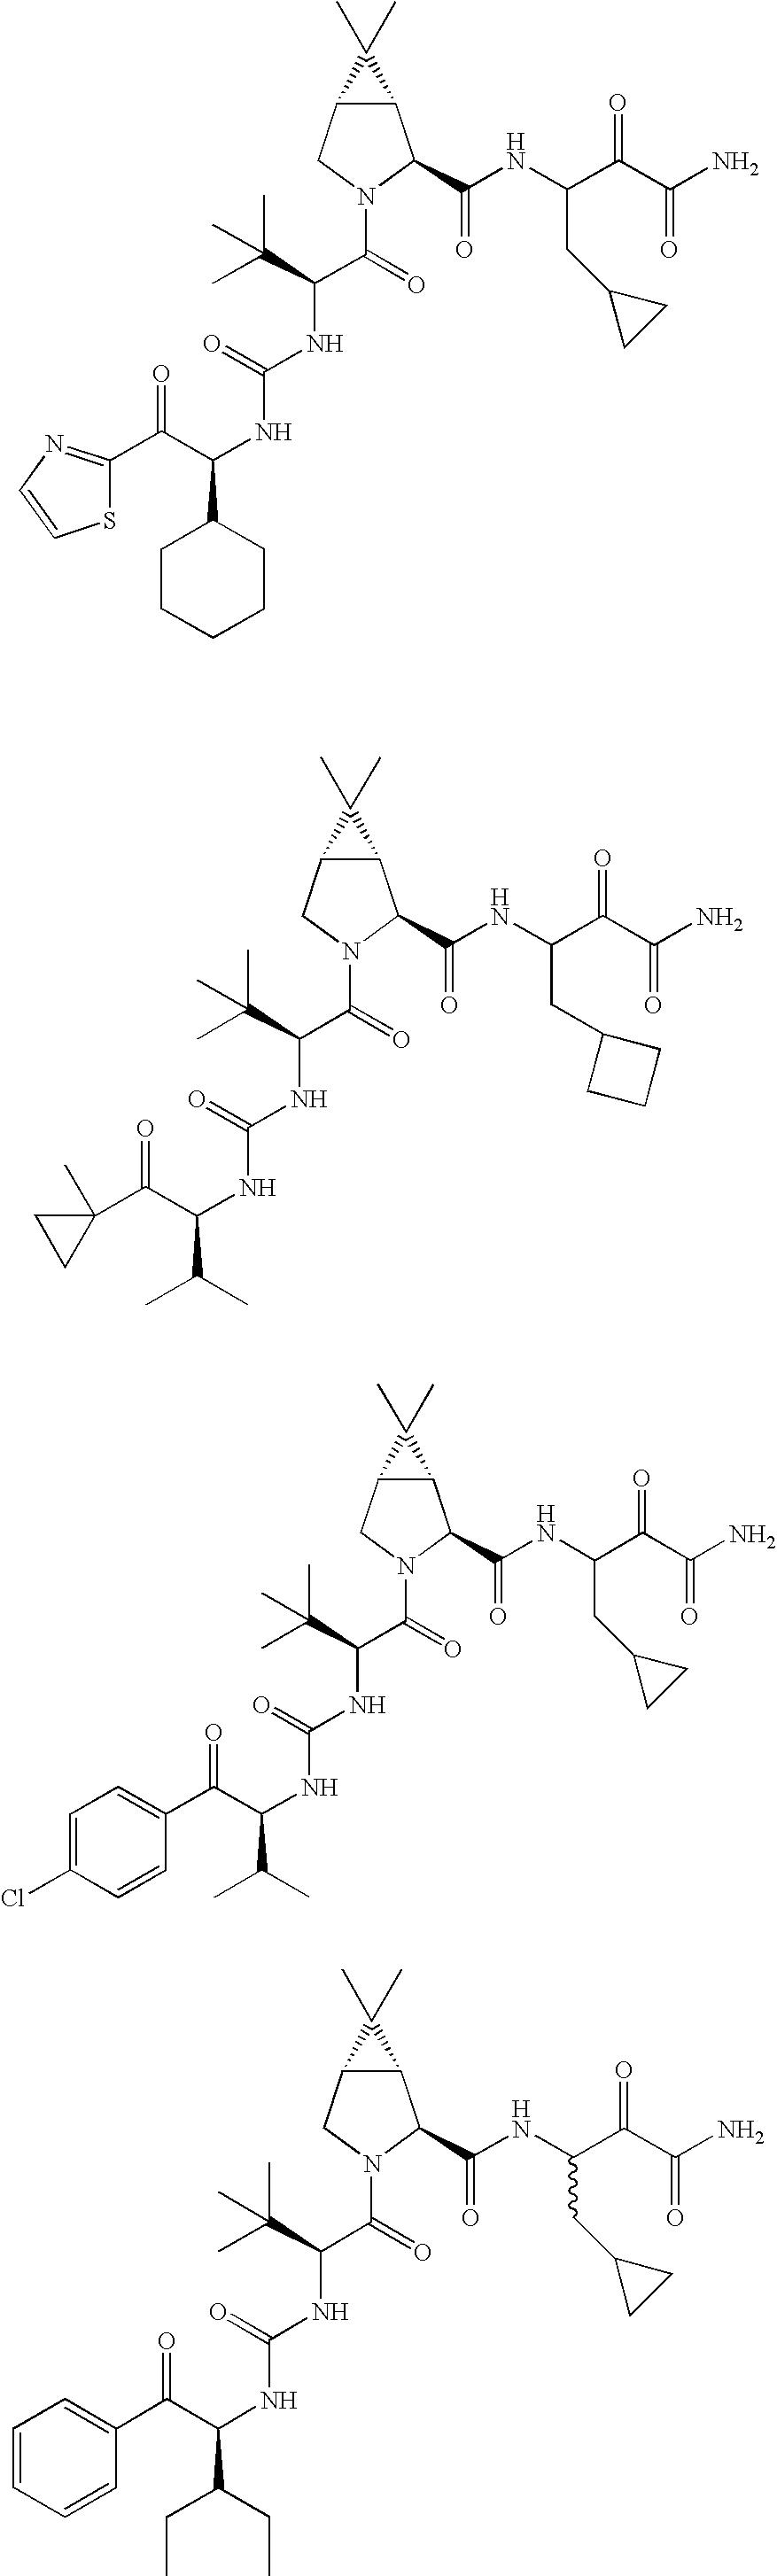 Figure US20060287248A1-20061221-C00225